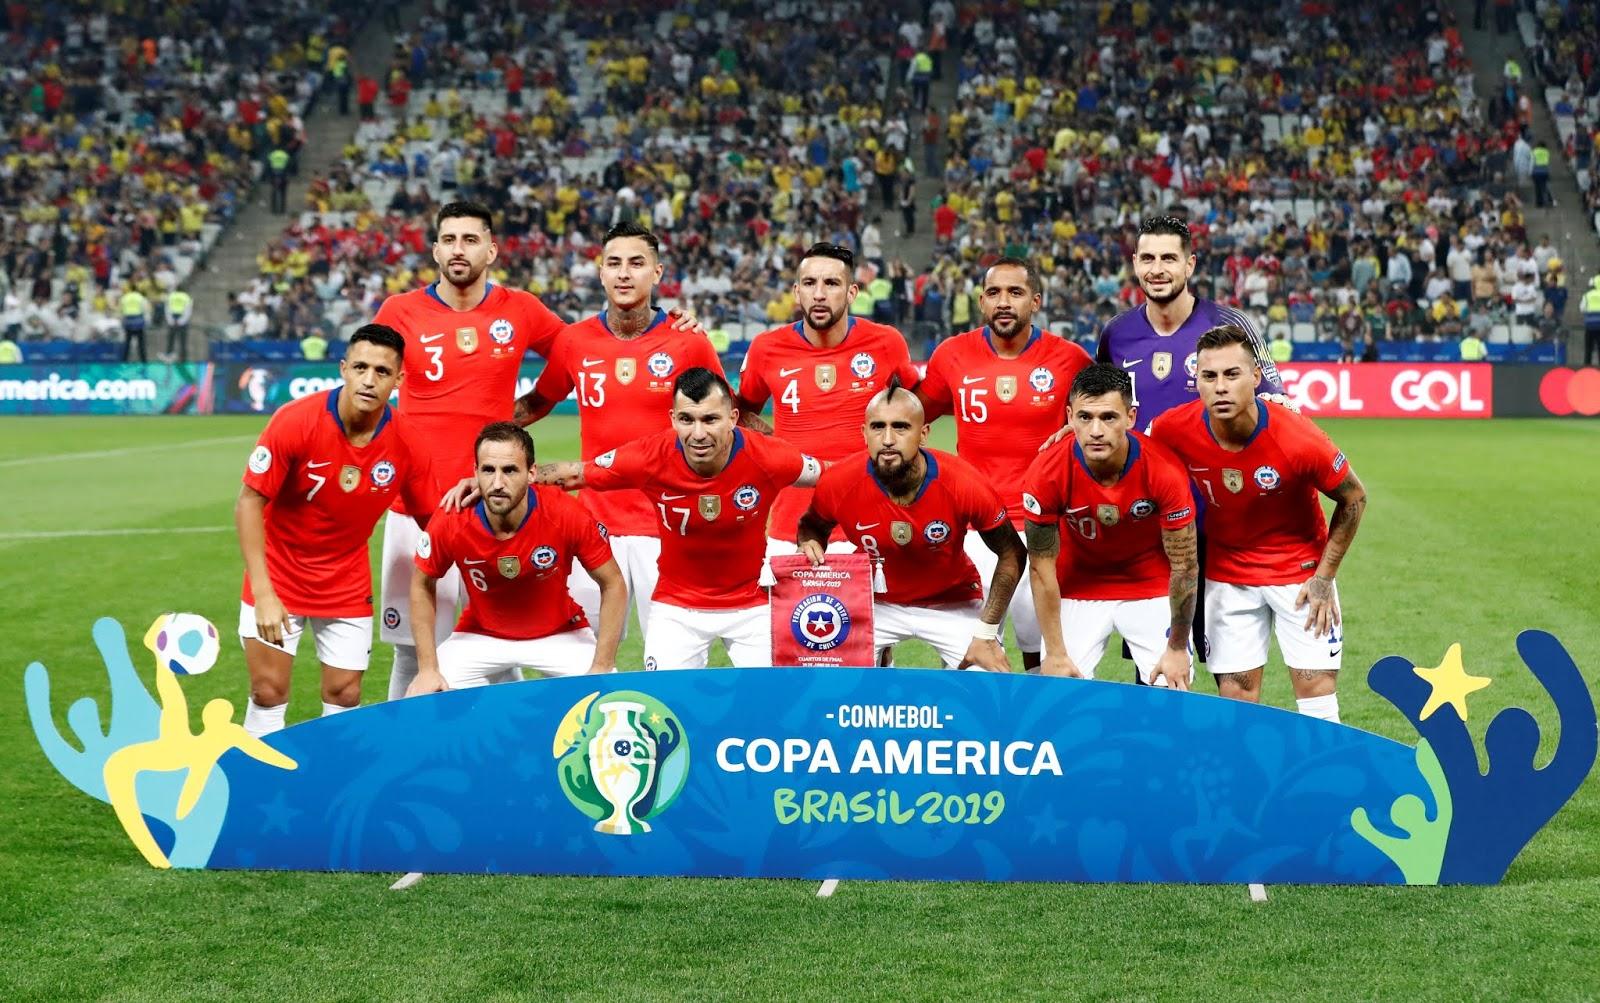 Formación de Chile ante Colombia, Copa América 2019, 28 de junio